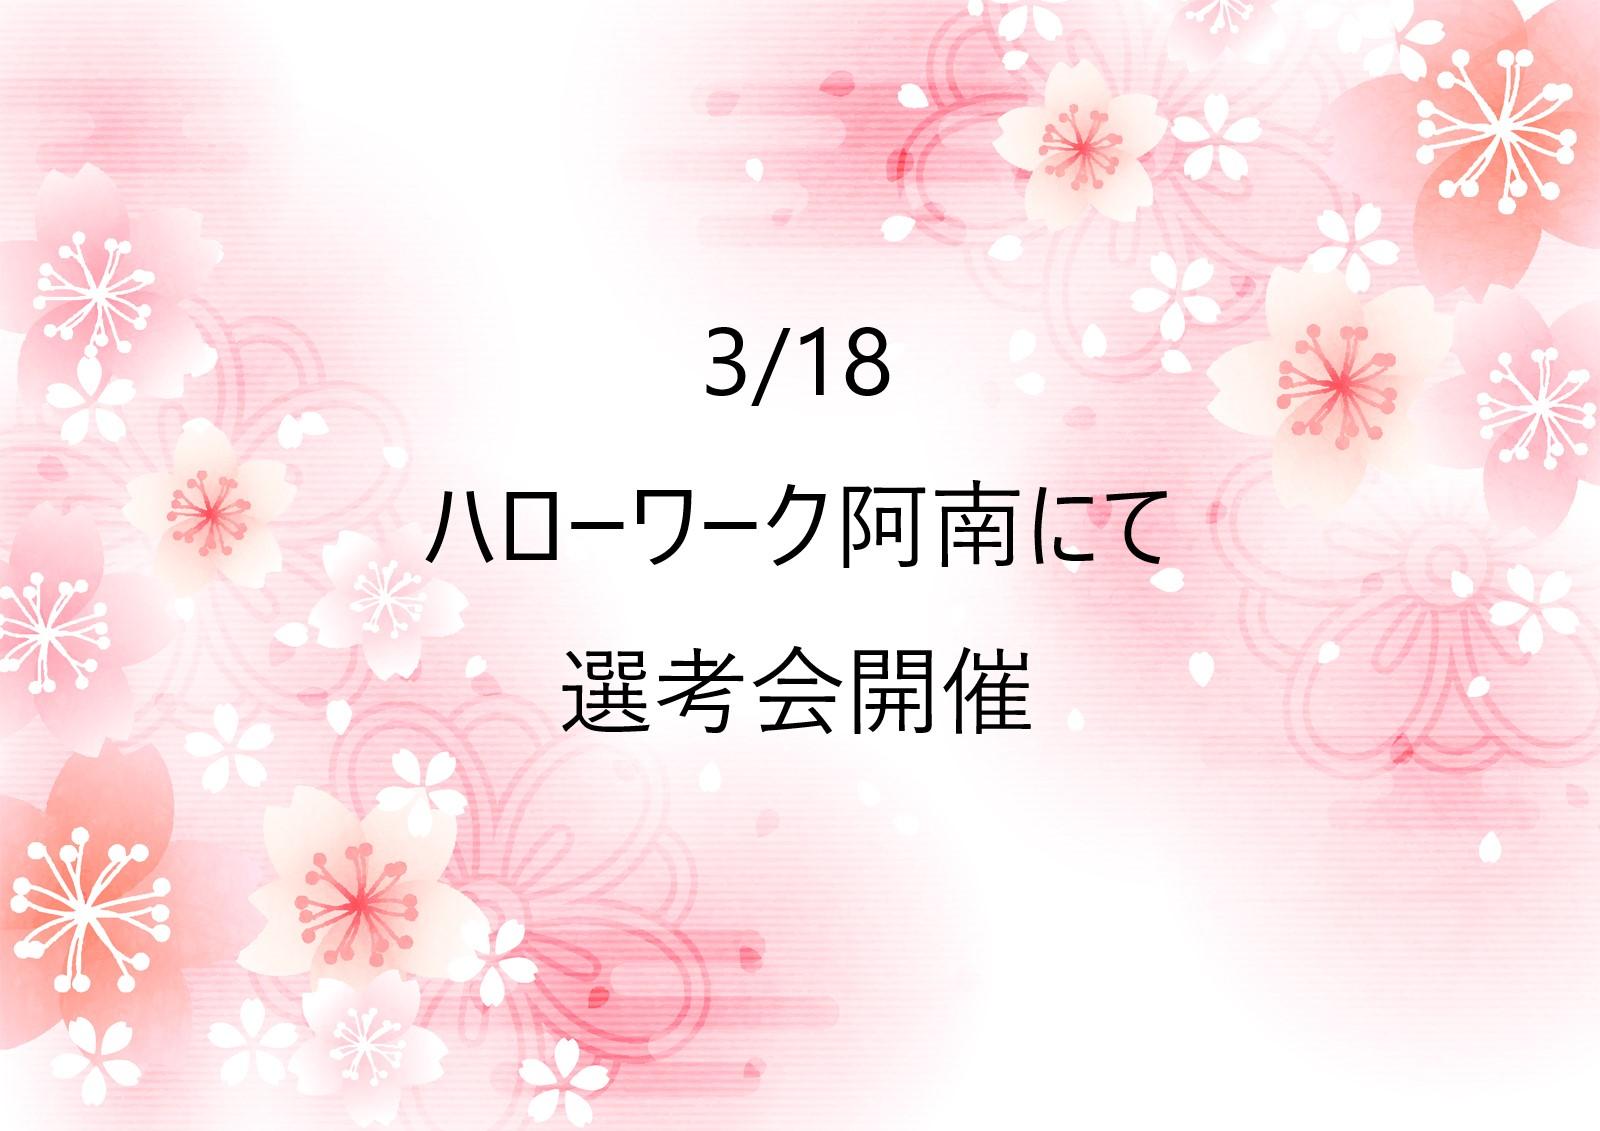 ☆明日の選考会のお知らせ☆